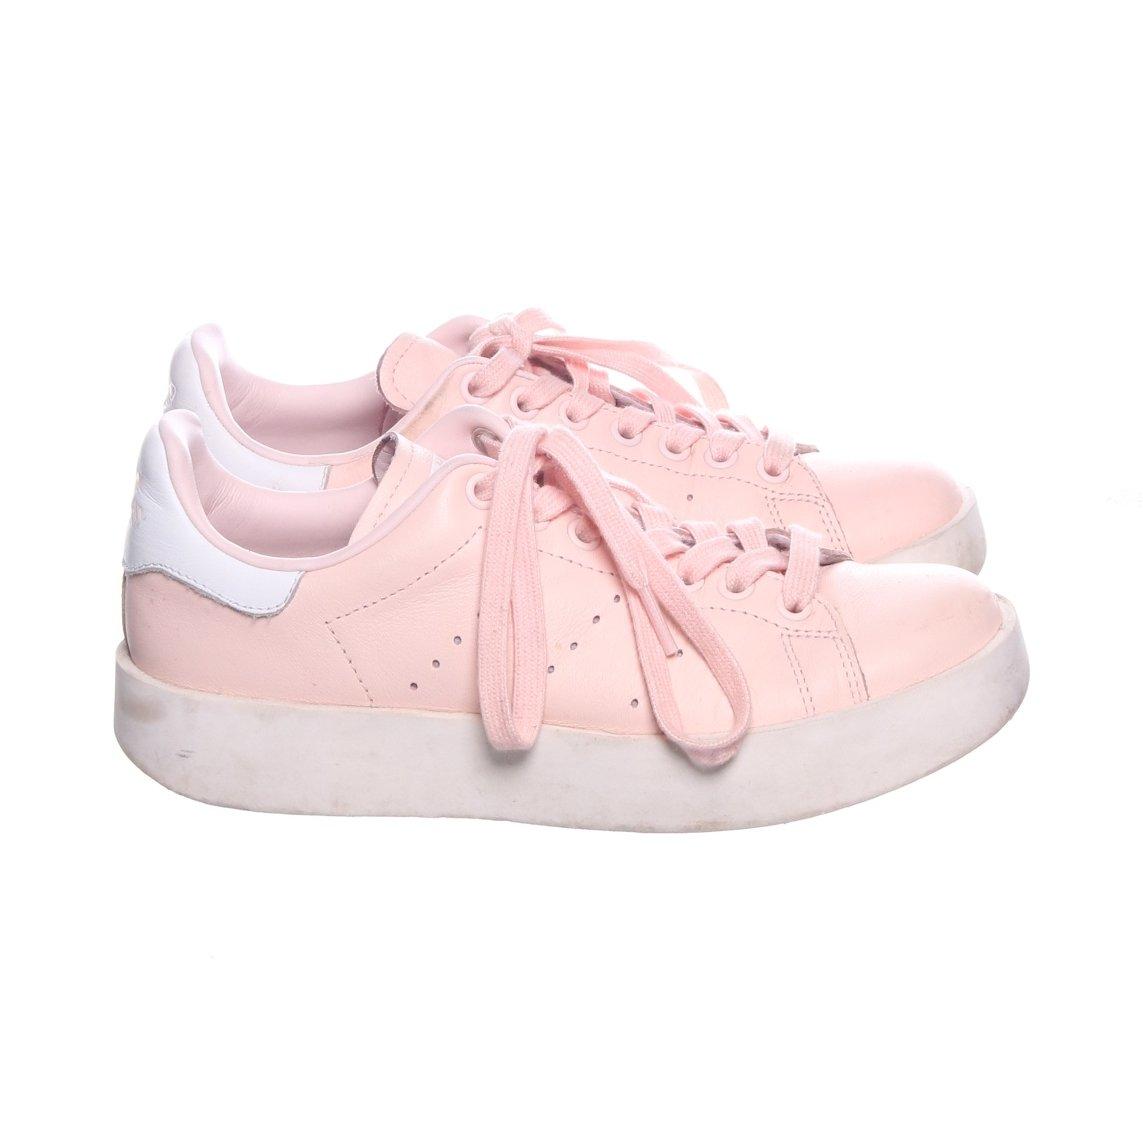 612f67e29df1 Adidas, Sneakers, Strl: 38, Rosa/Vit (354059536) ᐈ Sellpy på Tradera